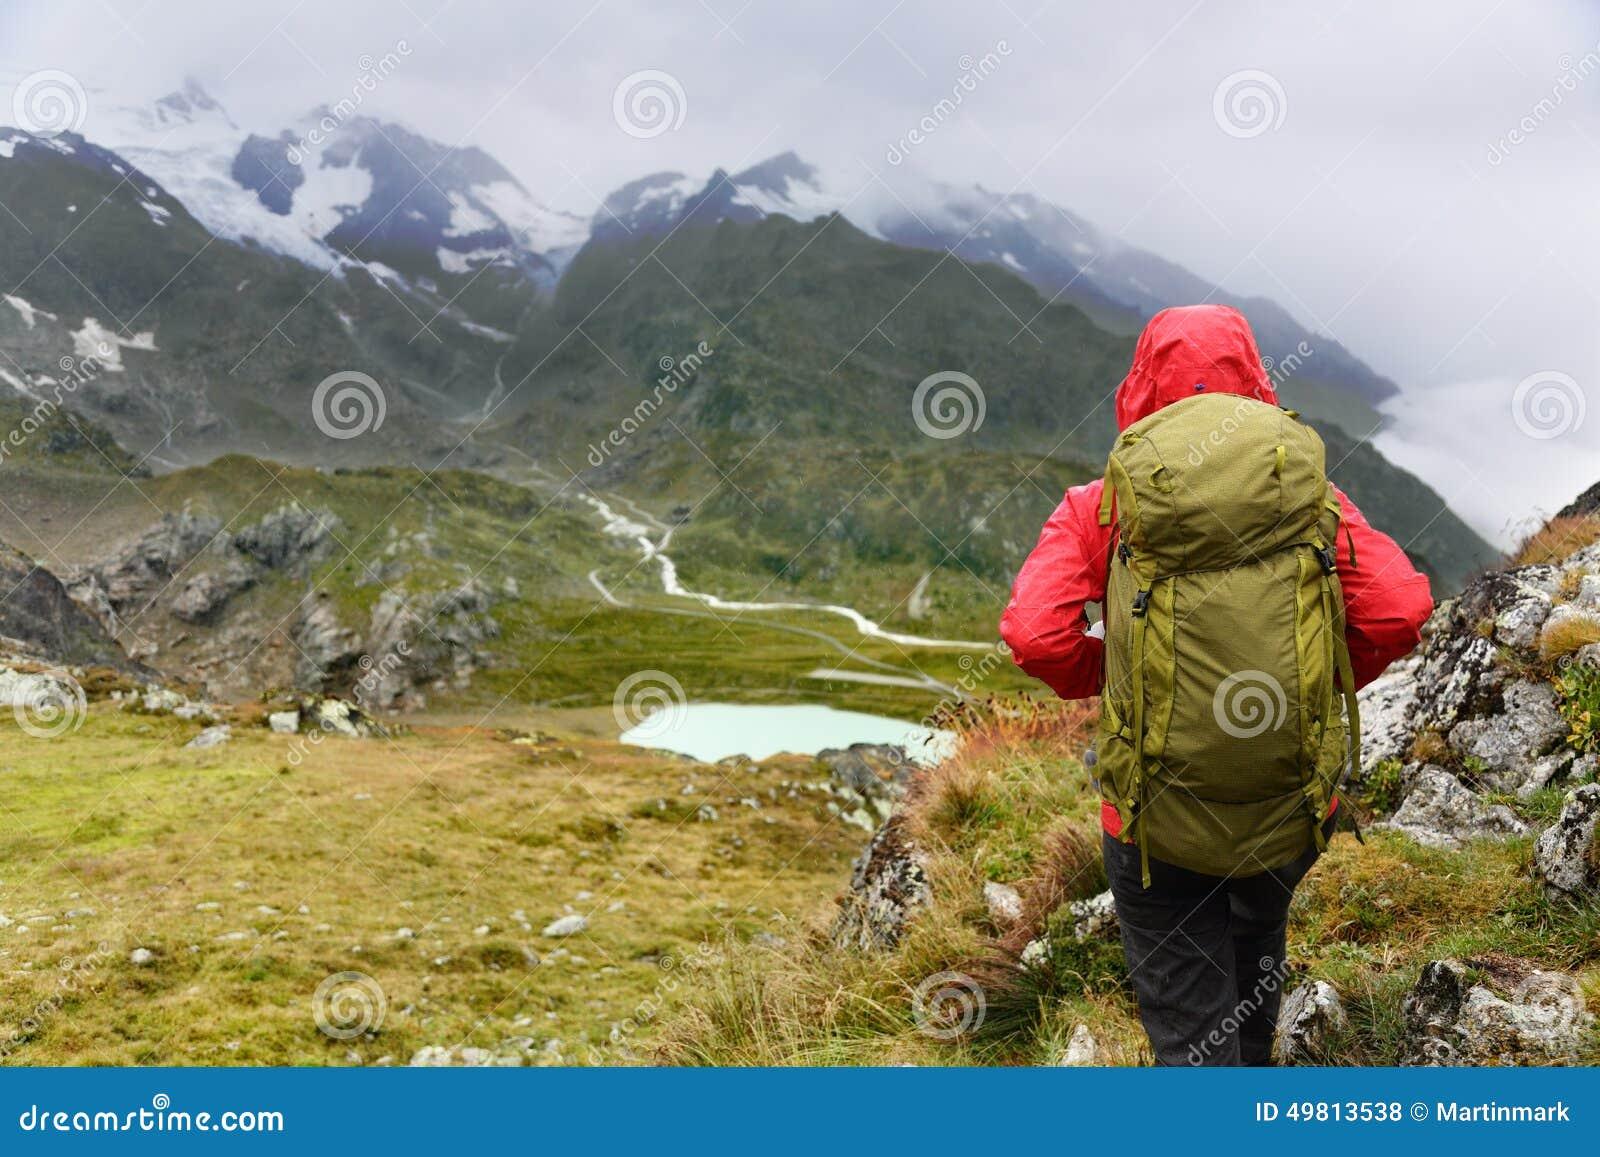 c160387c1f Πεζοπορία - γυναίκα οδοιπόρων στο οδοιπορικό με τον υγιή ενεργό τρόπο ζωής  διαβίωσης σακιδίων πλάτης Κορίτσι οδοιπόρων που περπατά στο πεζοπορώ στο  τοπίο ...